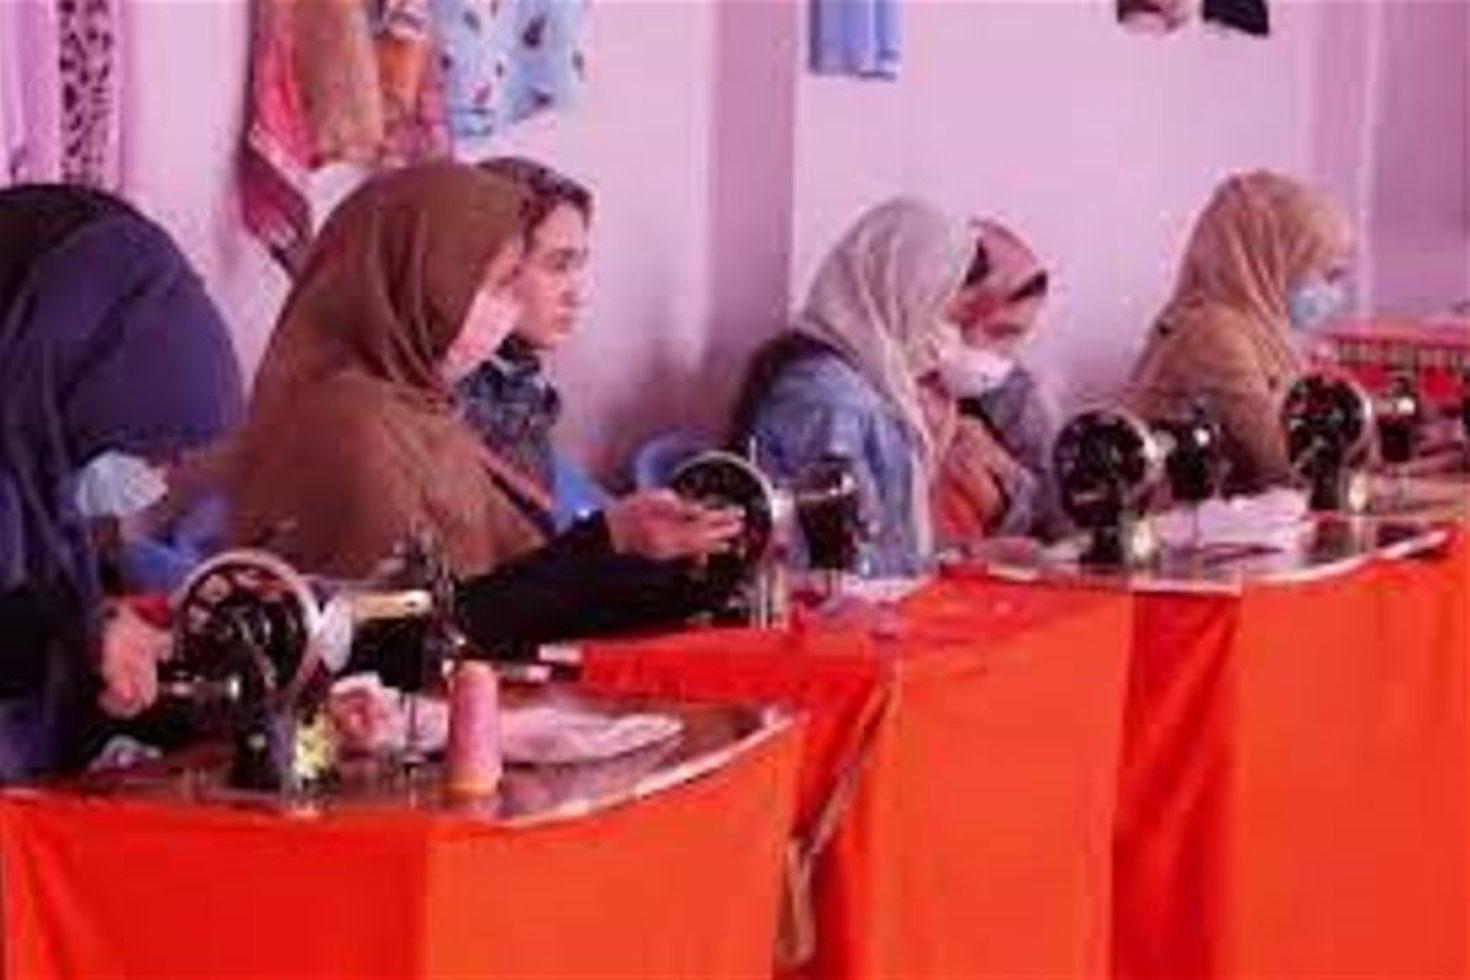 স্কুলে যাওয়া বন্ধ, ব্যবসা শিখছে আফগান কিশোরীরা